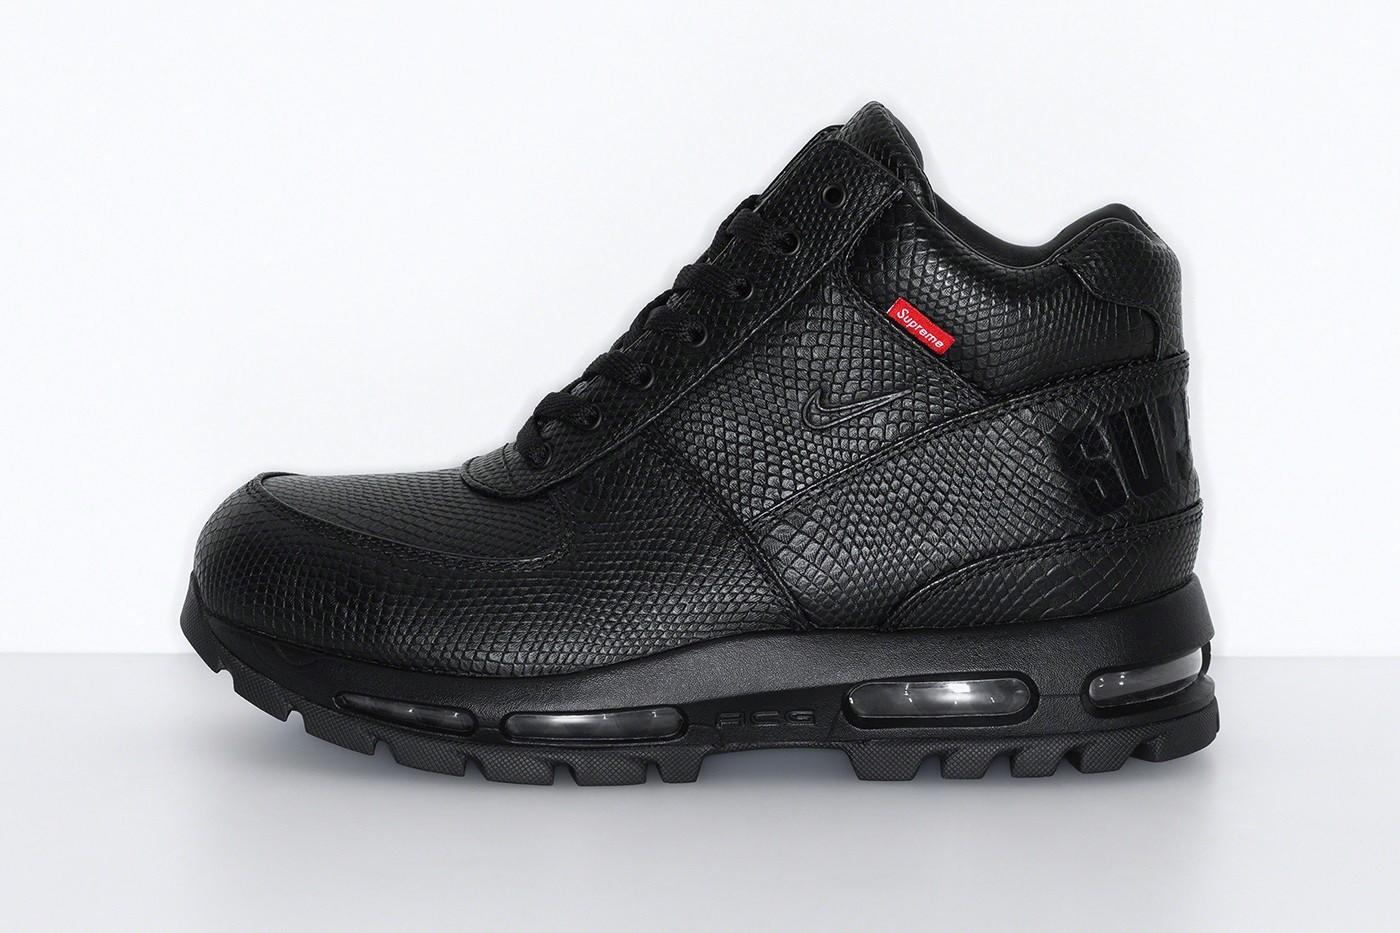 Supreme x Nike Air Max Goadome Boots black